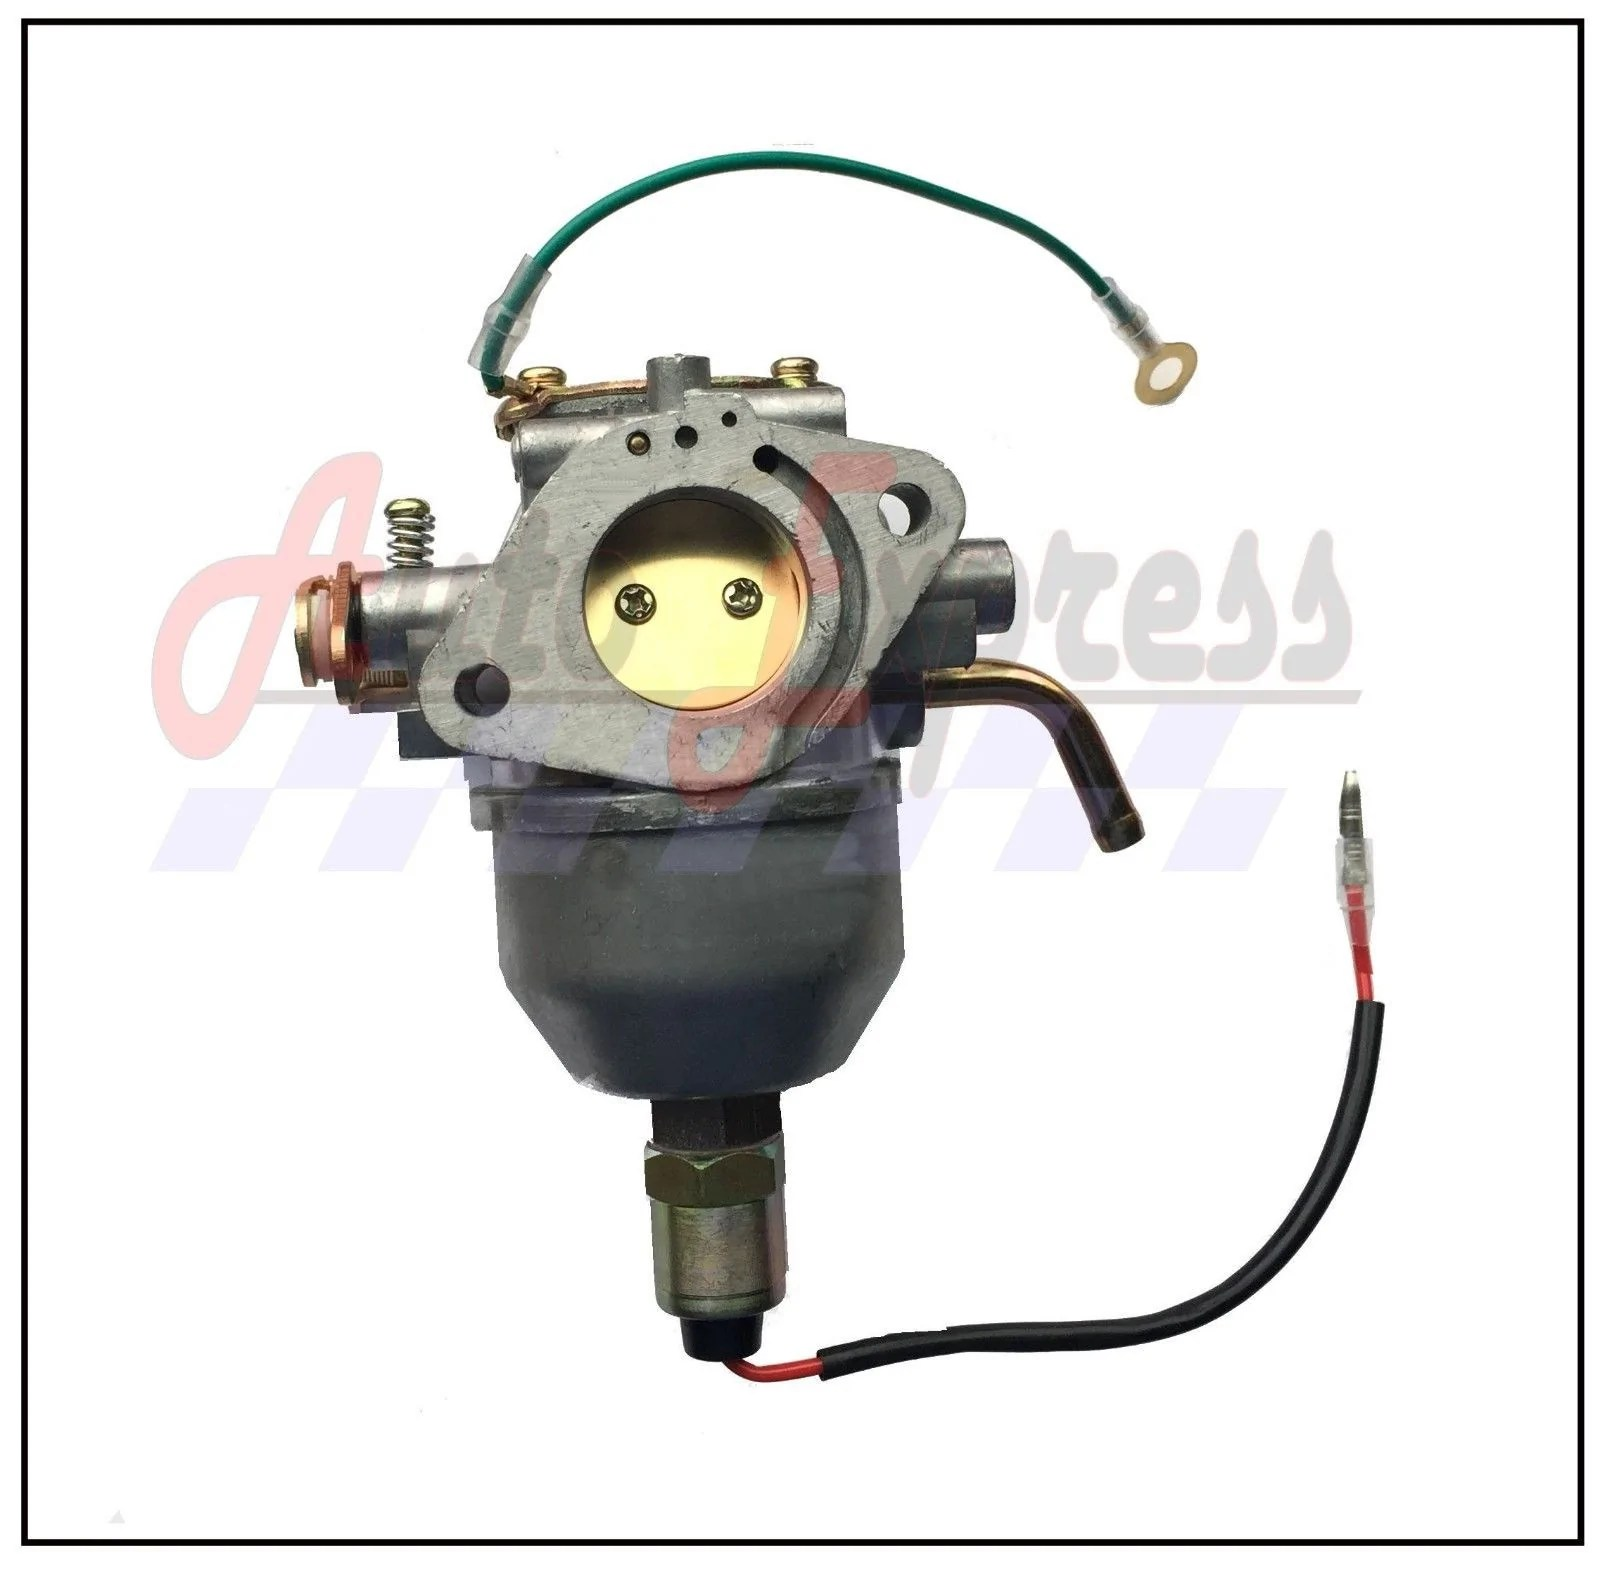 carburetor fits kohler cv740 cv745 engine carb oil fuel filter  [ 1600 x 1584 Pixel ]